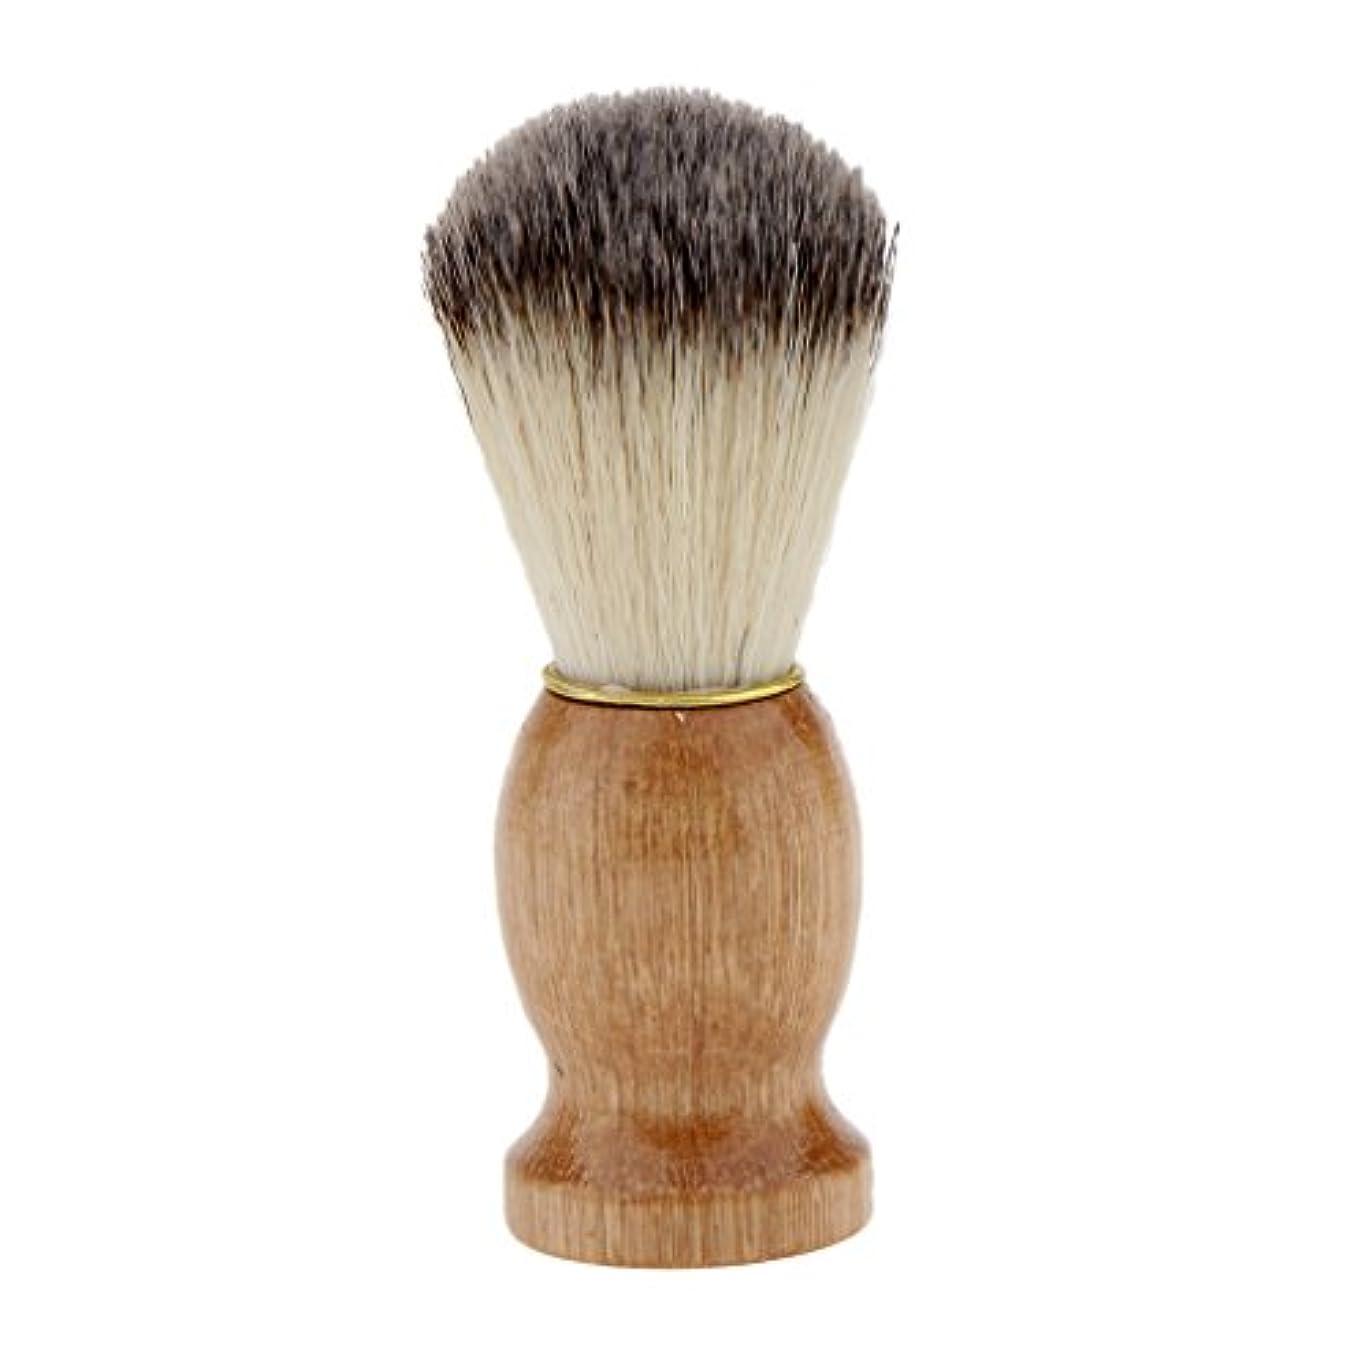 考案する暴露する調停するシェービングブラシ 理容師 シェービングブラシ ひげ剃りブラシ コスメブラシ 木製ハンドル